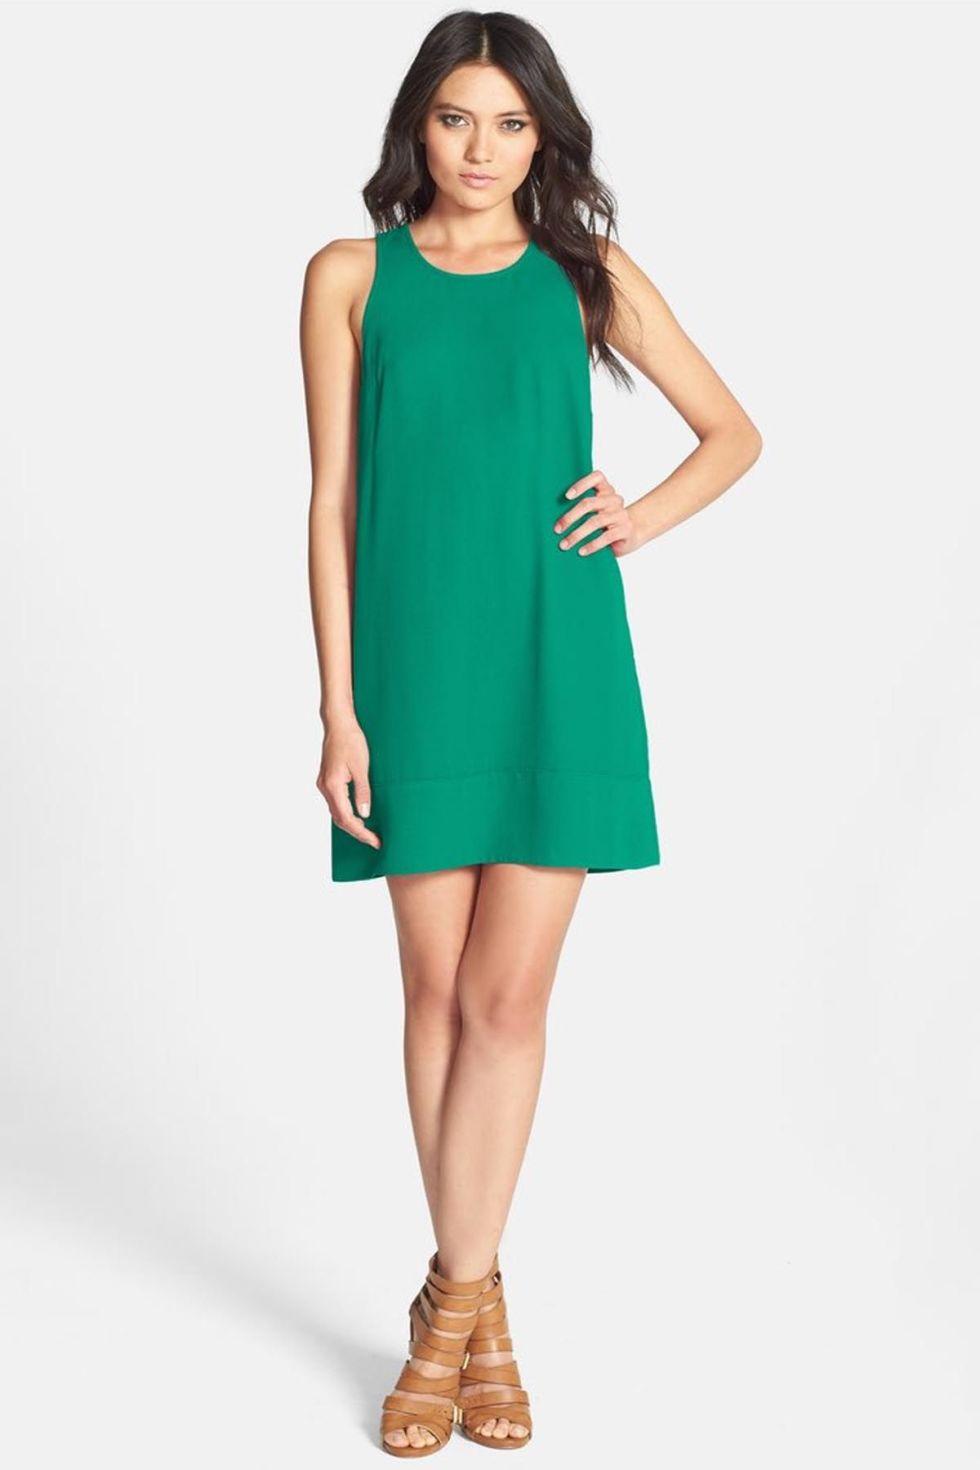 The dress gallery - 20 Cute Summer Dresses For Women 2017 Fun Flattering Dress Ideas Womansday Com